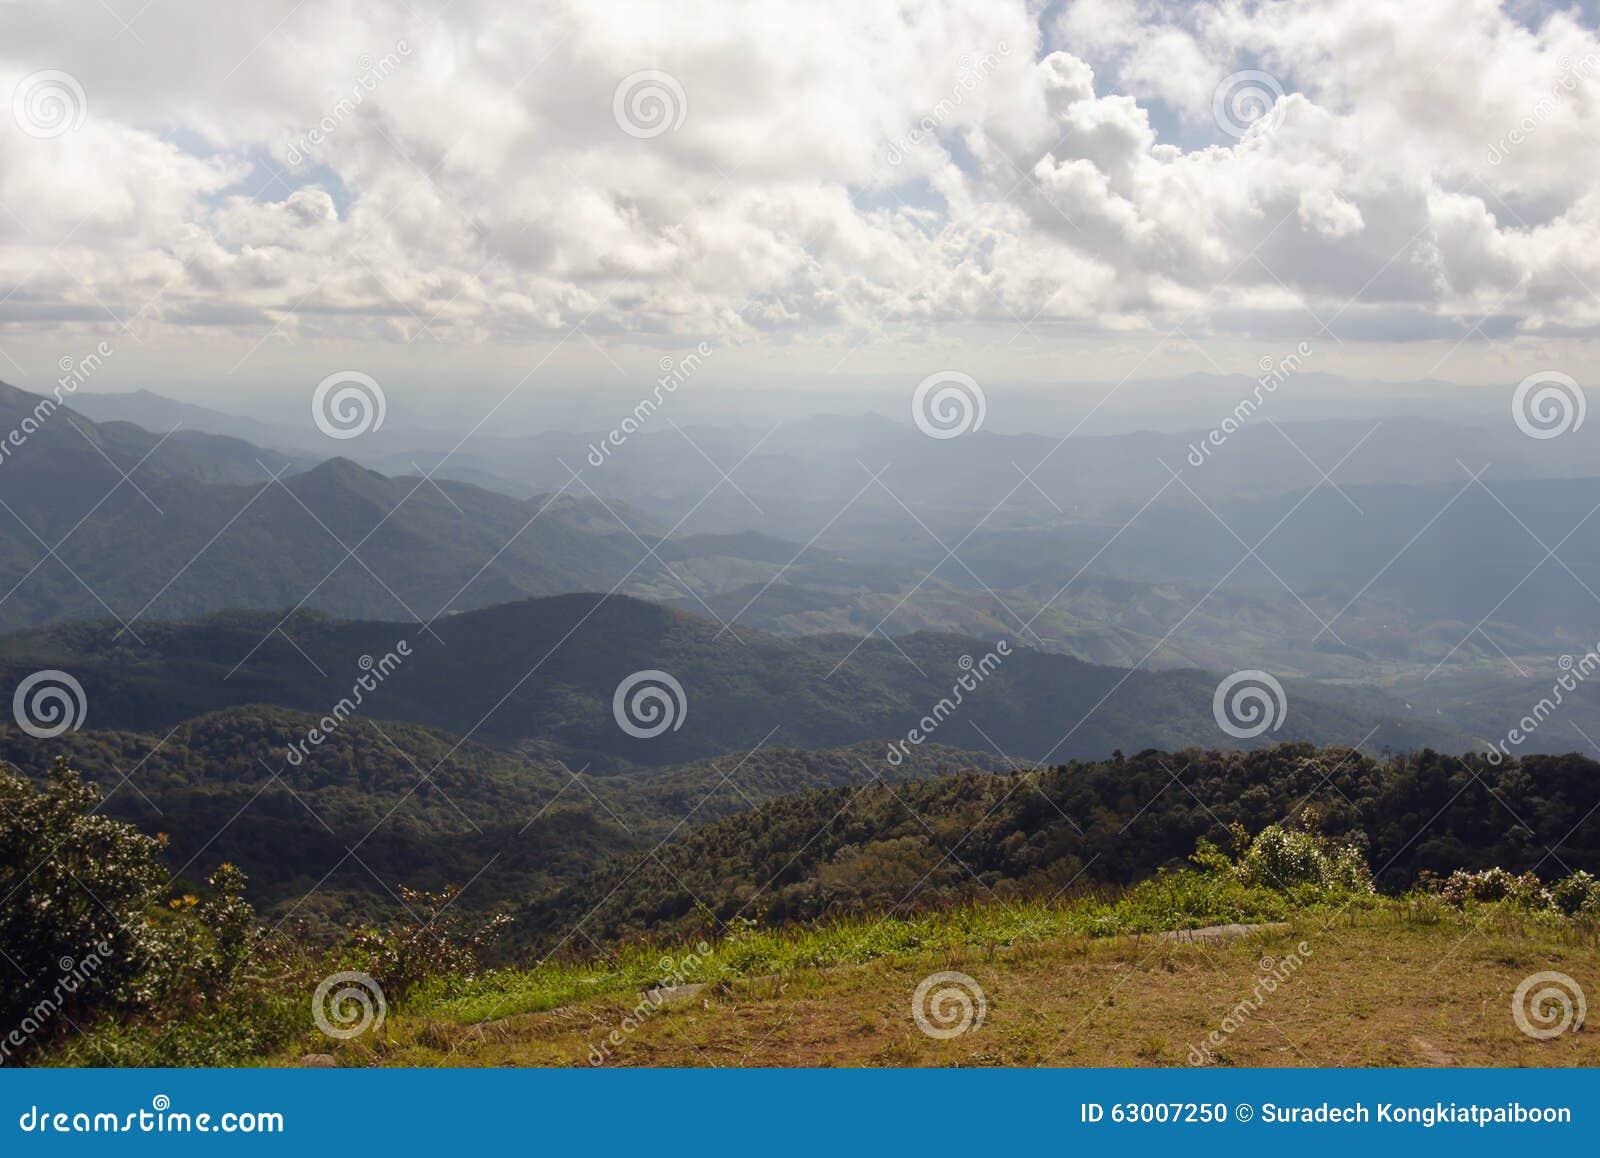 泰国山�^_chiangmai泰国草,山和多云天空景色